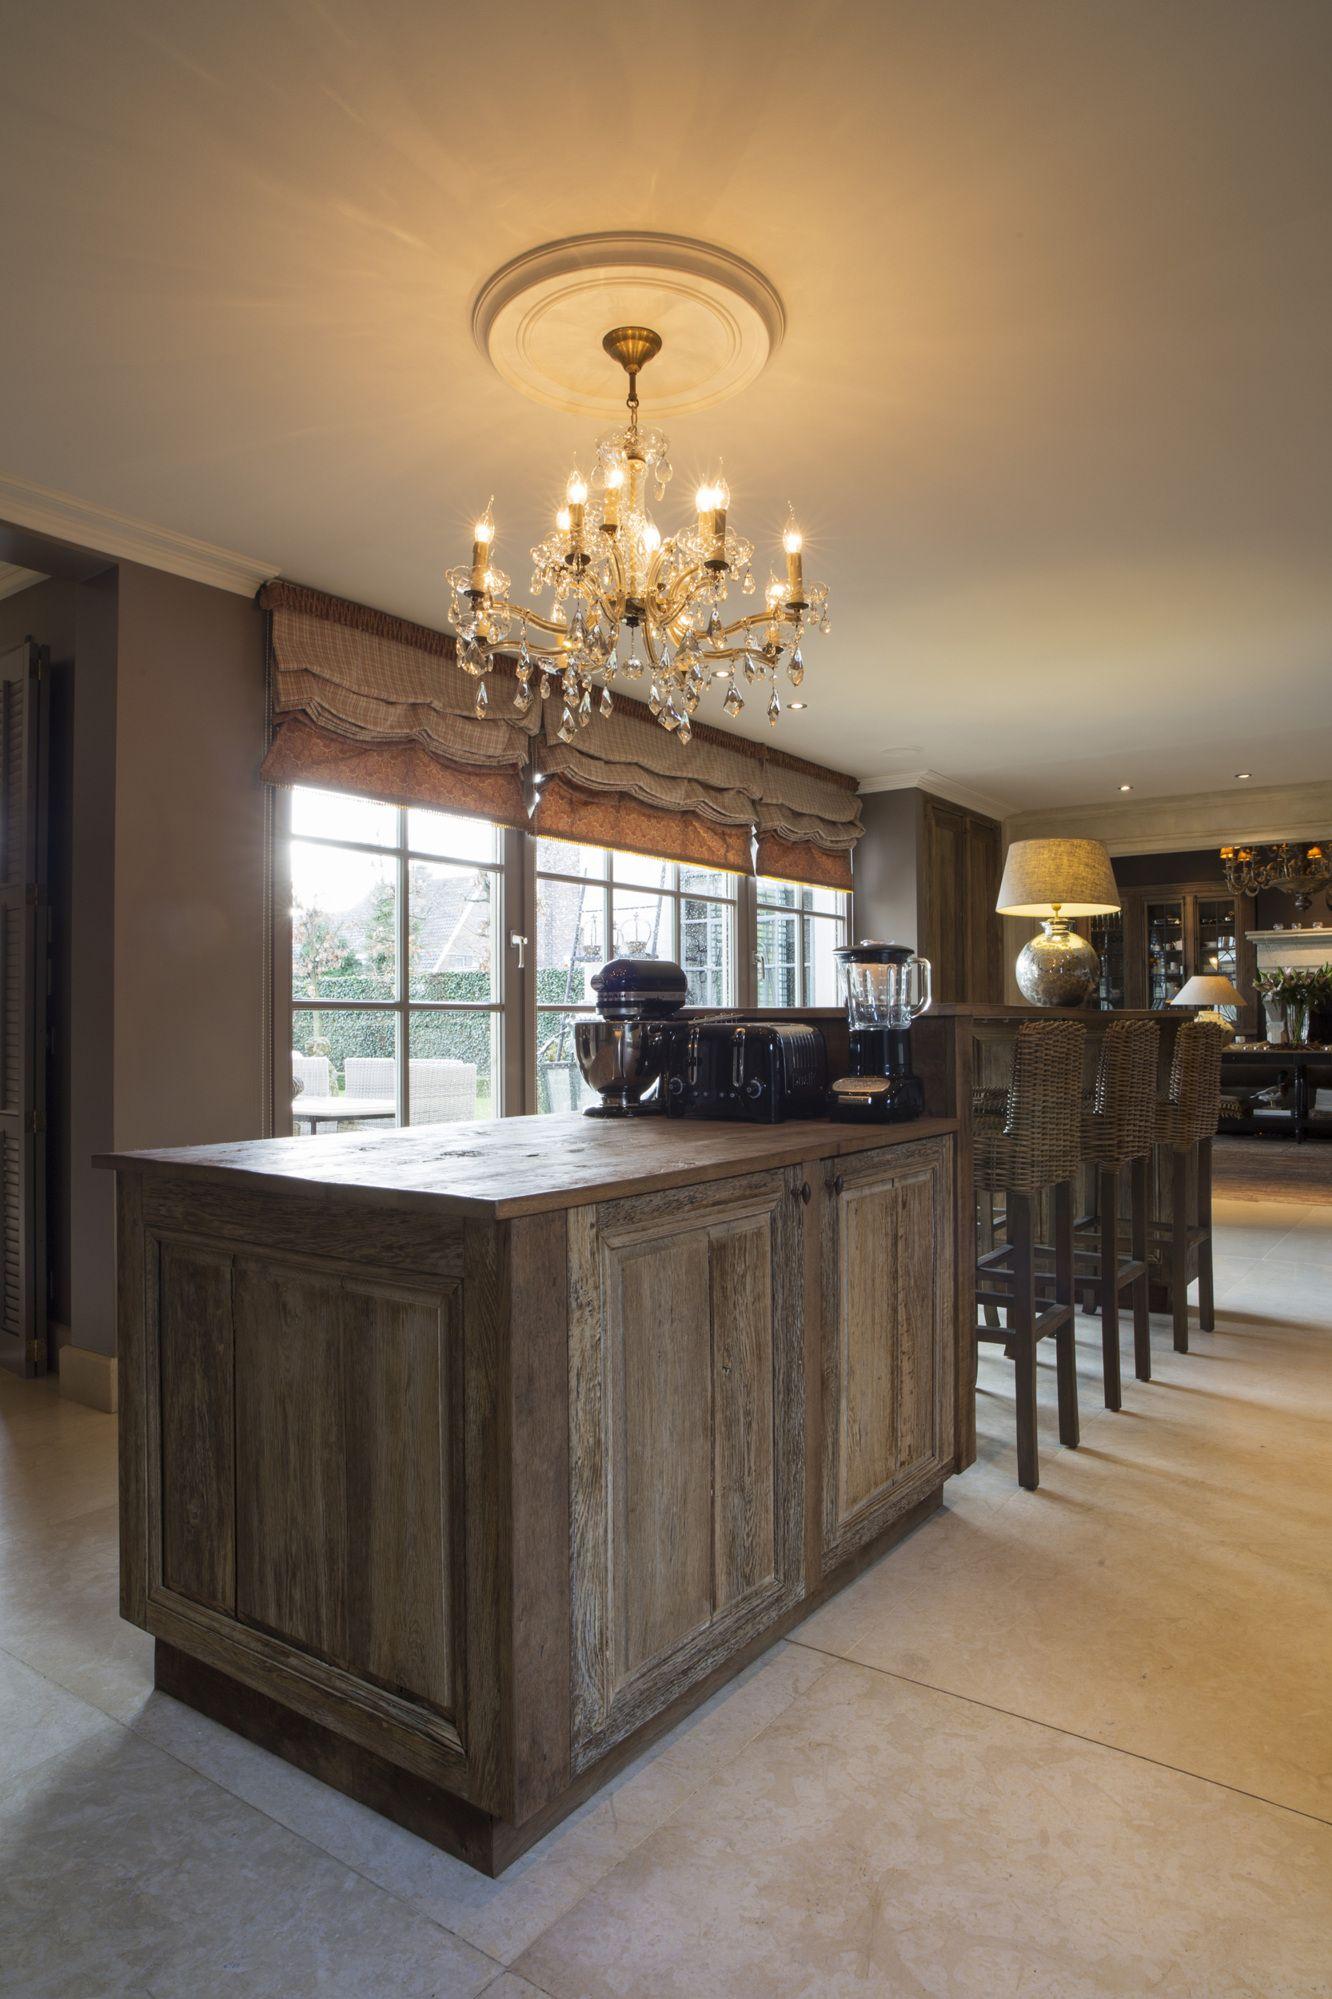 Renovatie woning met oude materialen - Kasten - Totaalprojecten